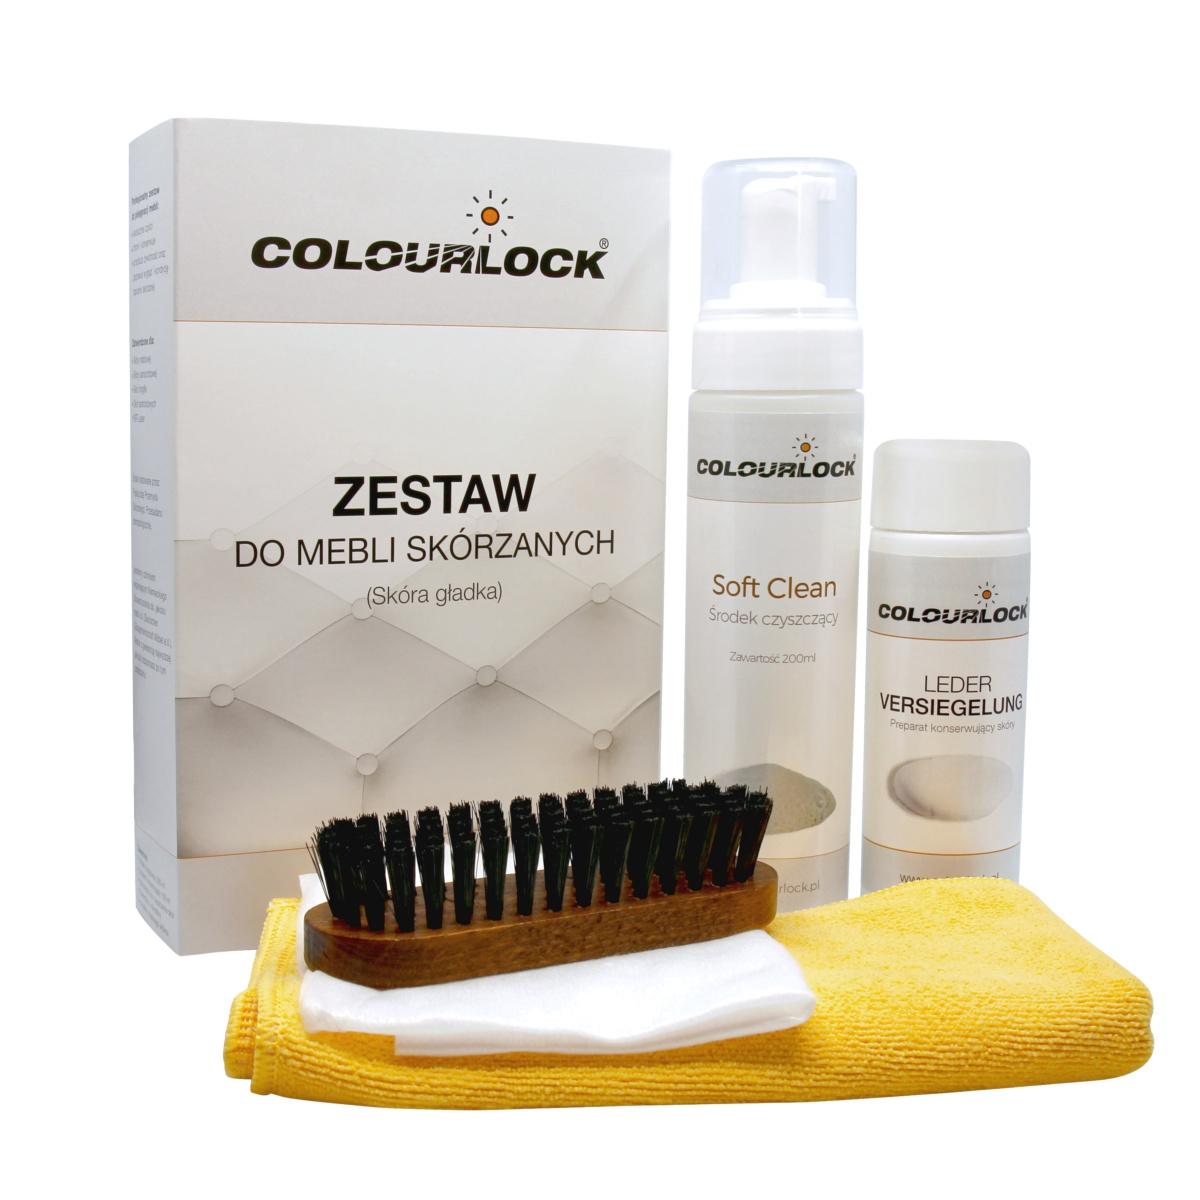 Czyszczenie mebli ze skóry zestaw Colourlock